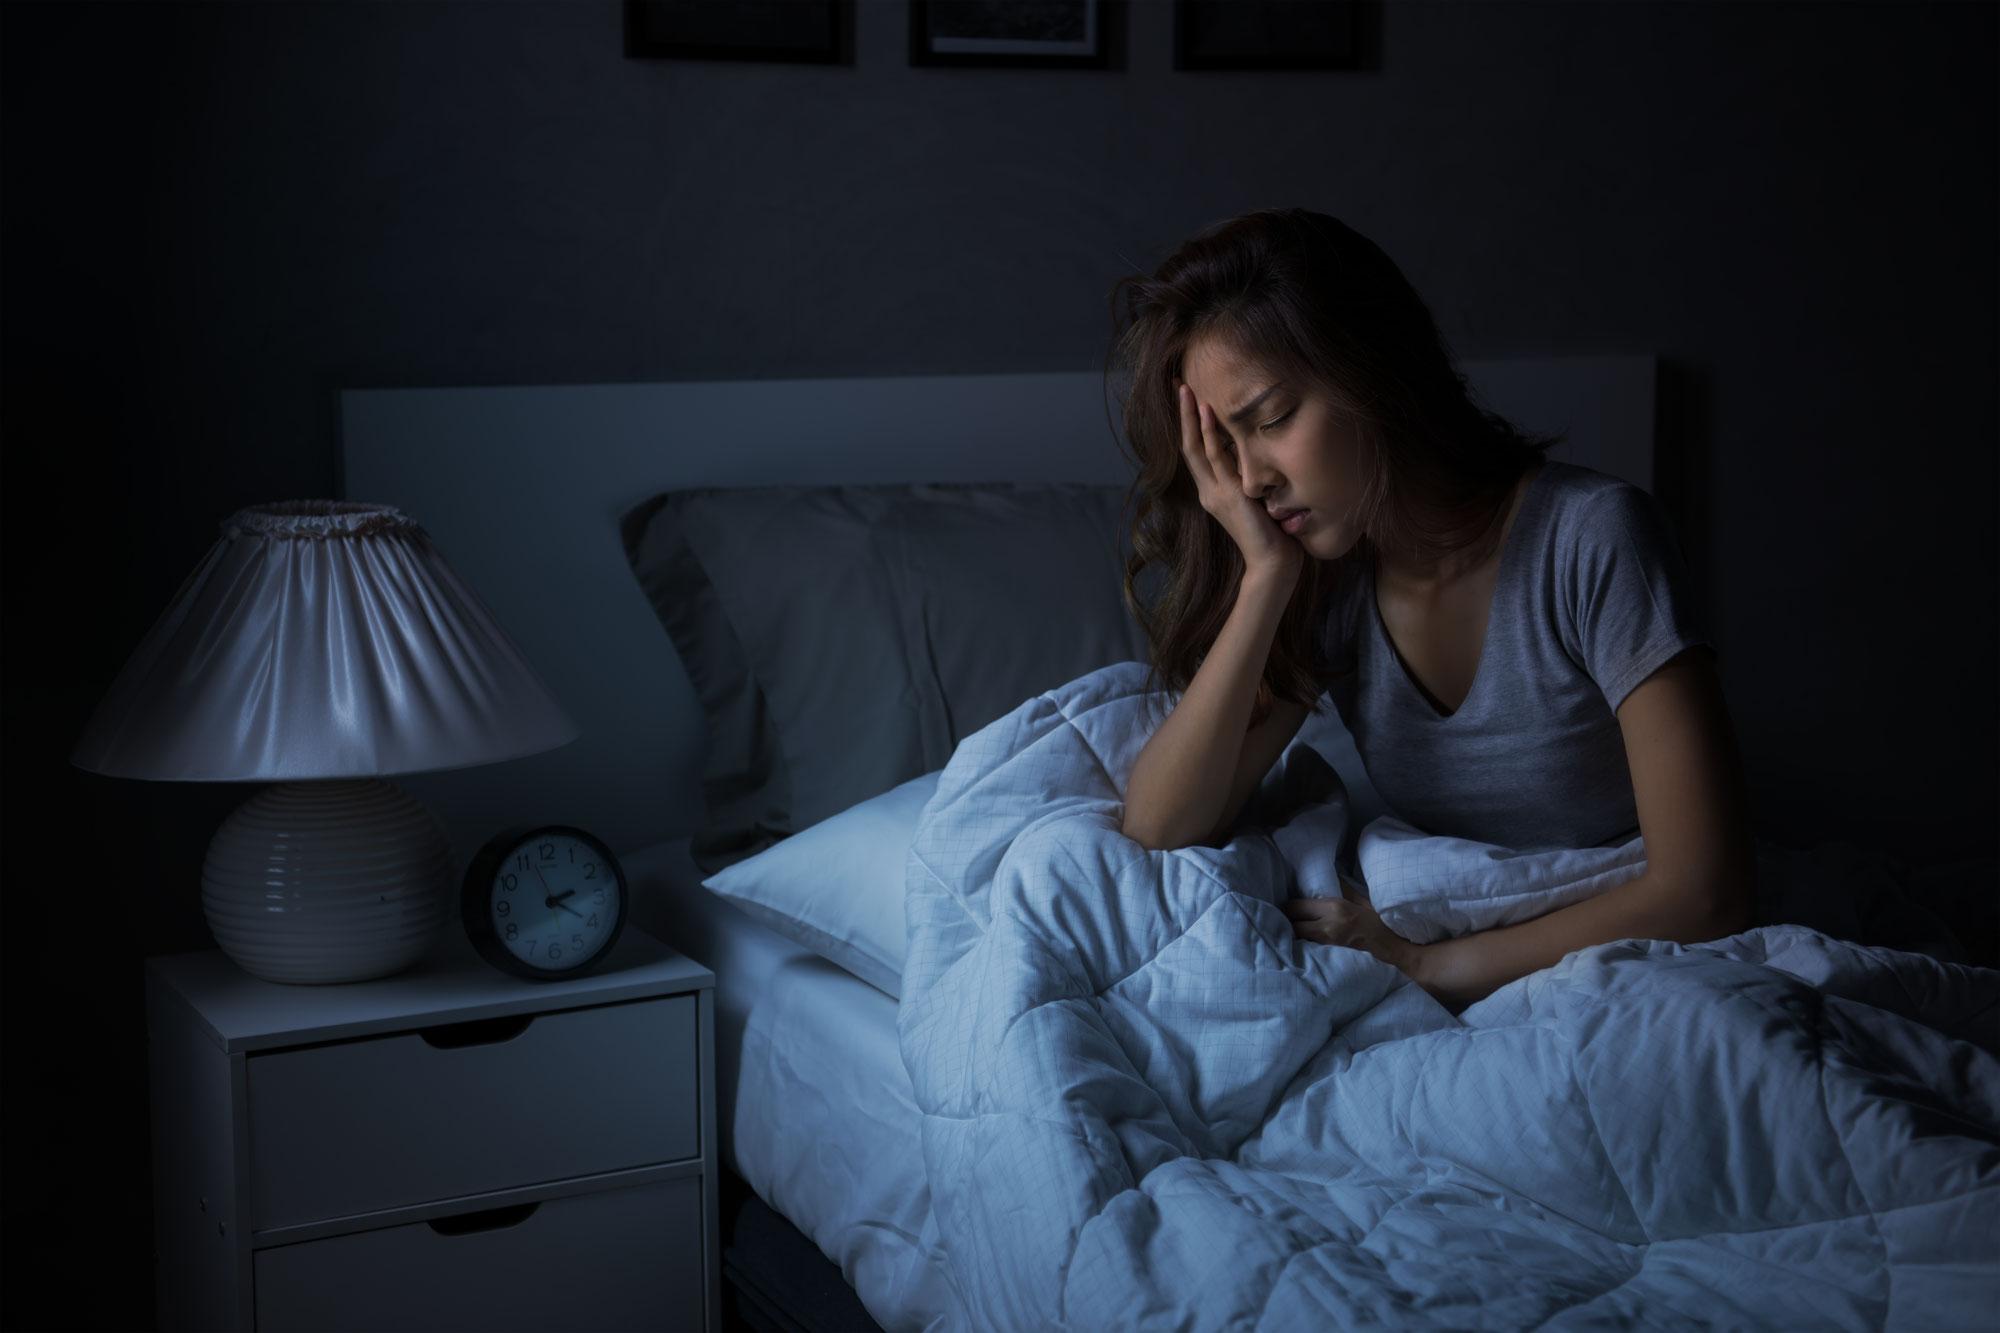 Schlaf & Störung